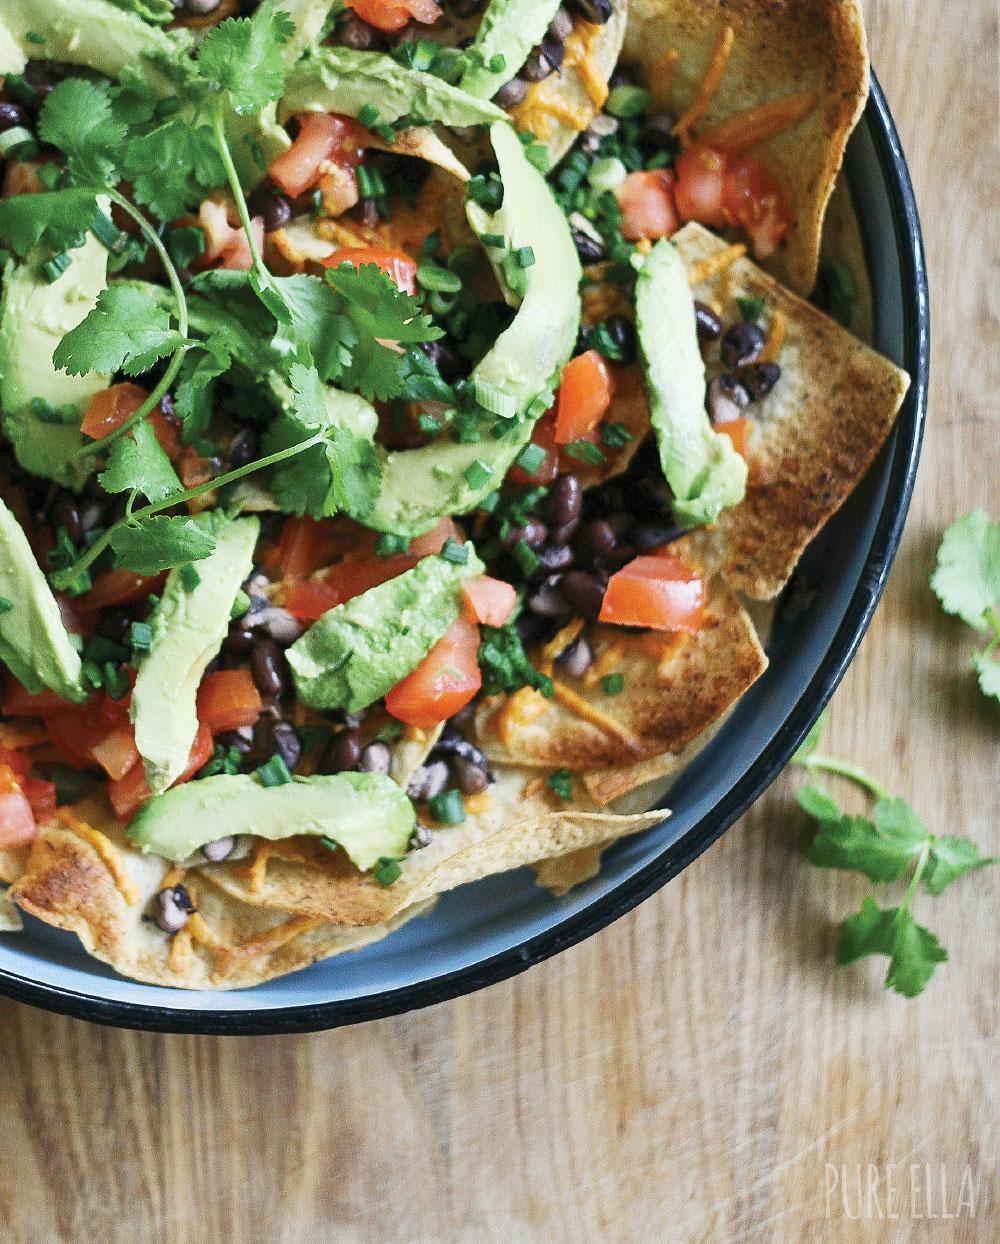 Pure-Ella-Healthy-Gluten-free-Vegan-Tortilla-Nachos-Party-Bowl2